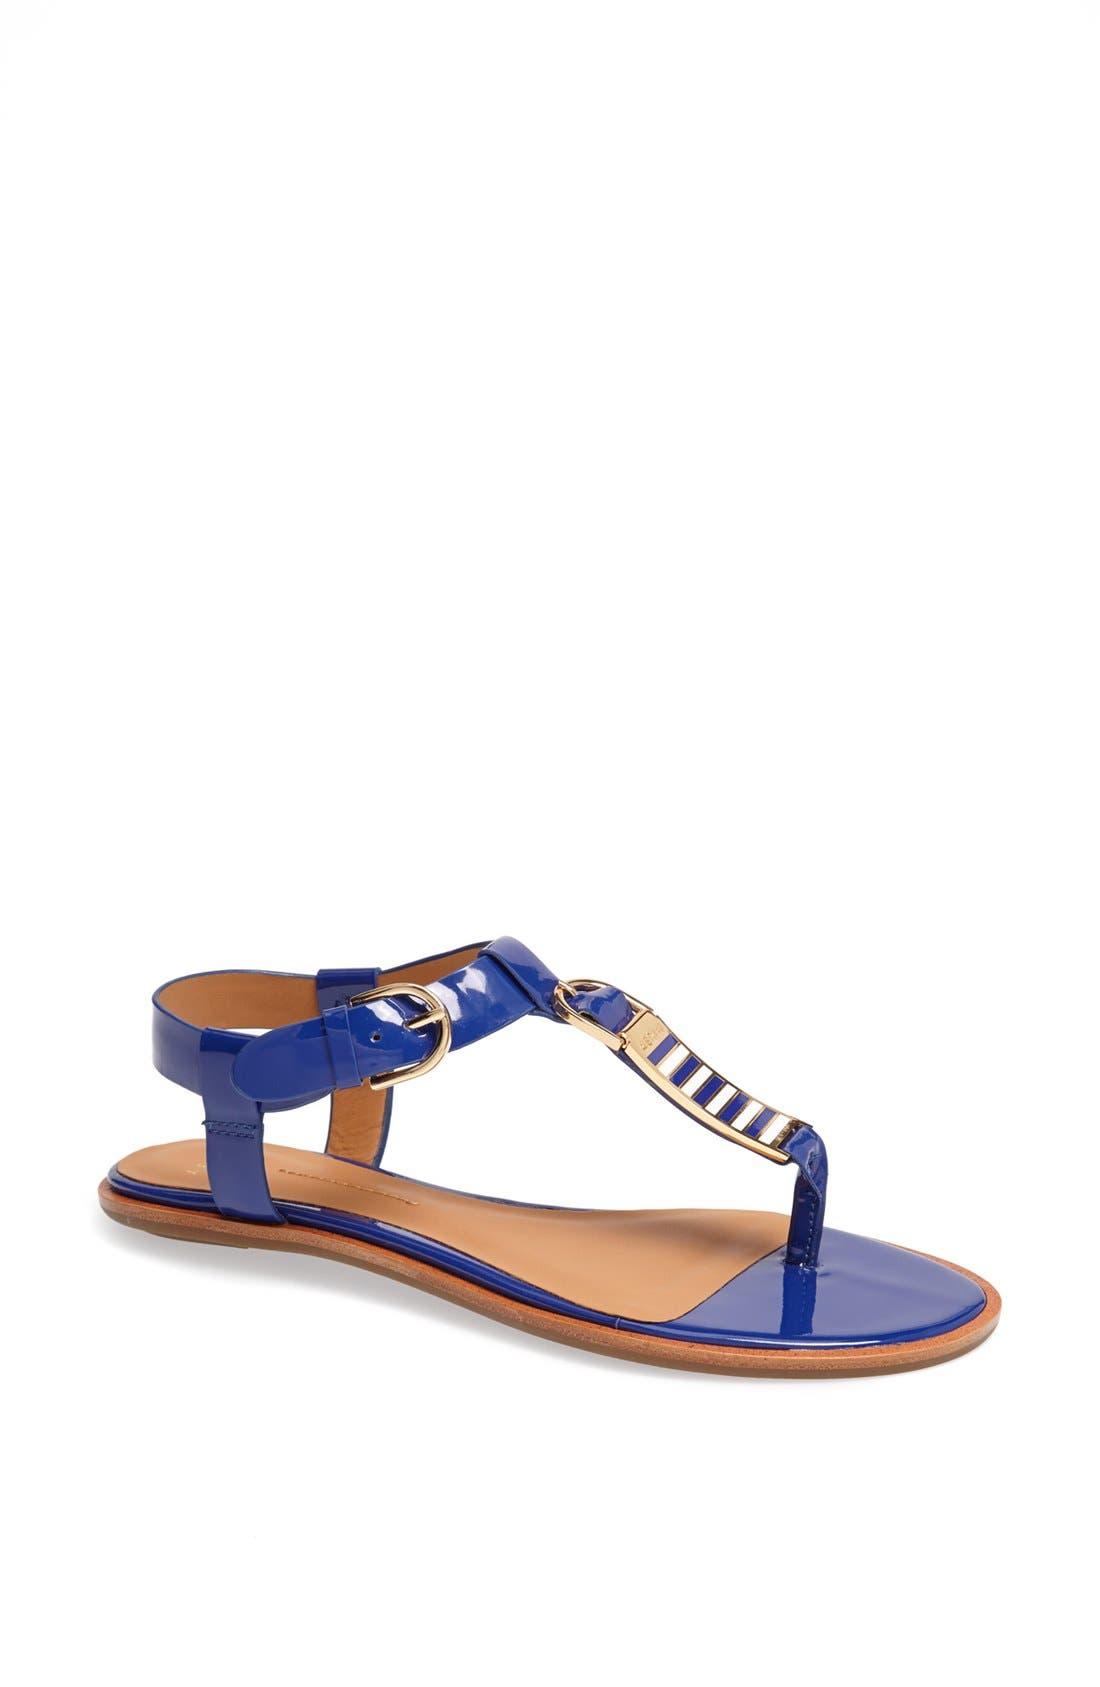 Alternate Image 1 Selected - Aerin 'Swift' Sandal